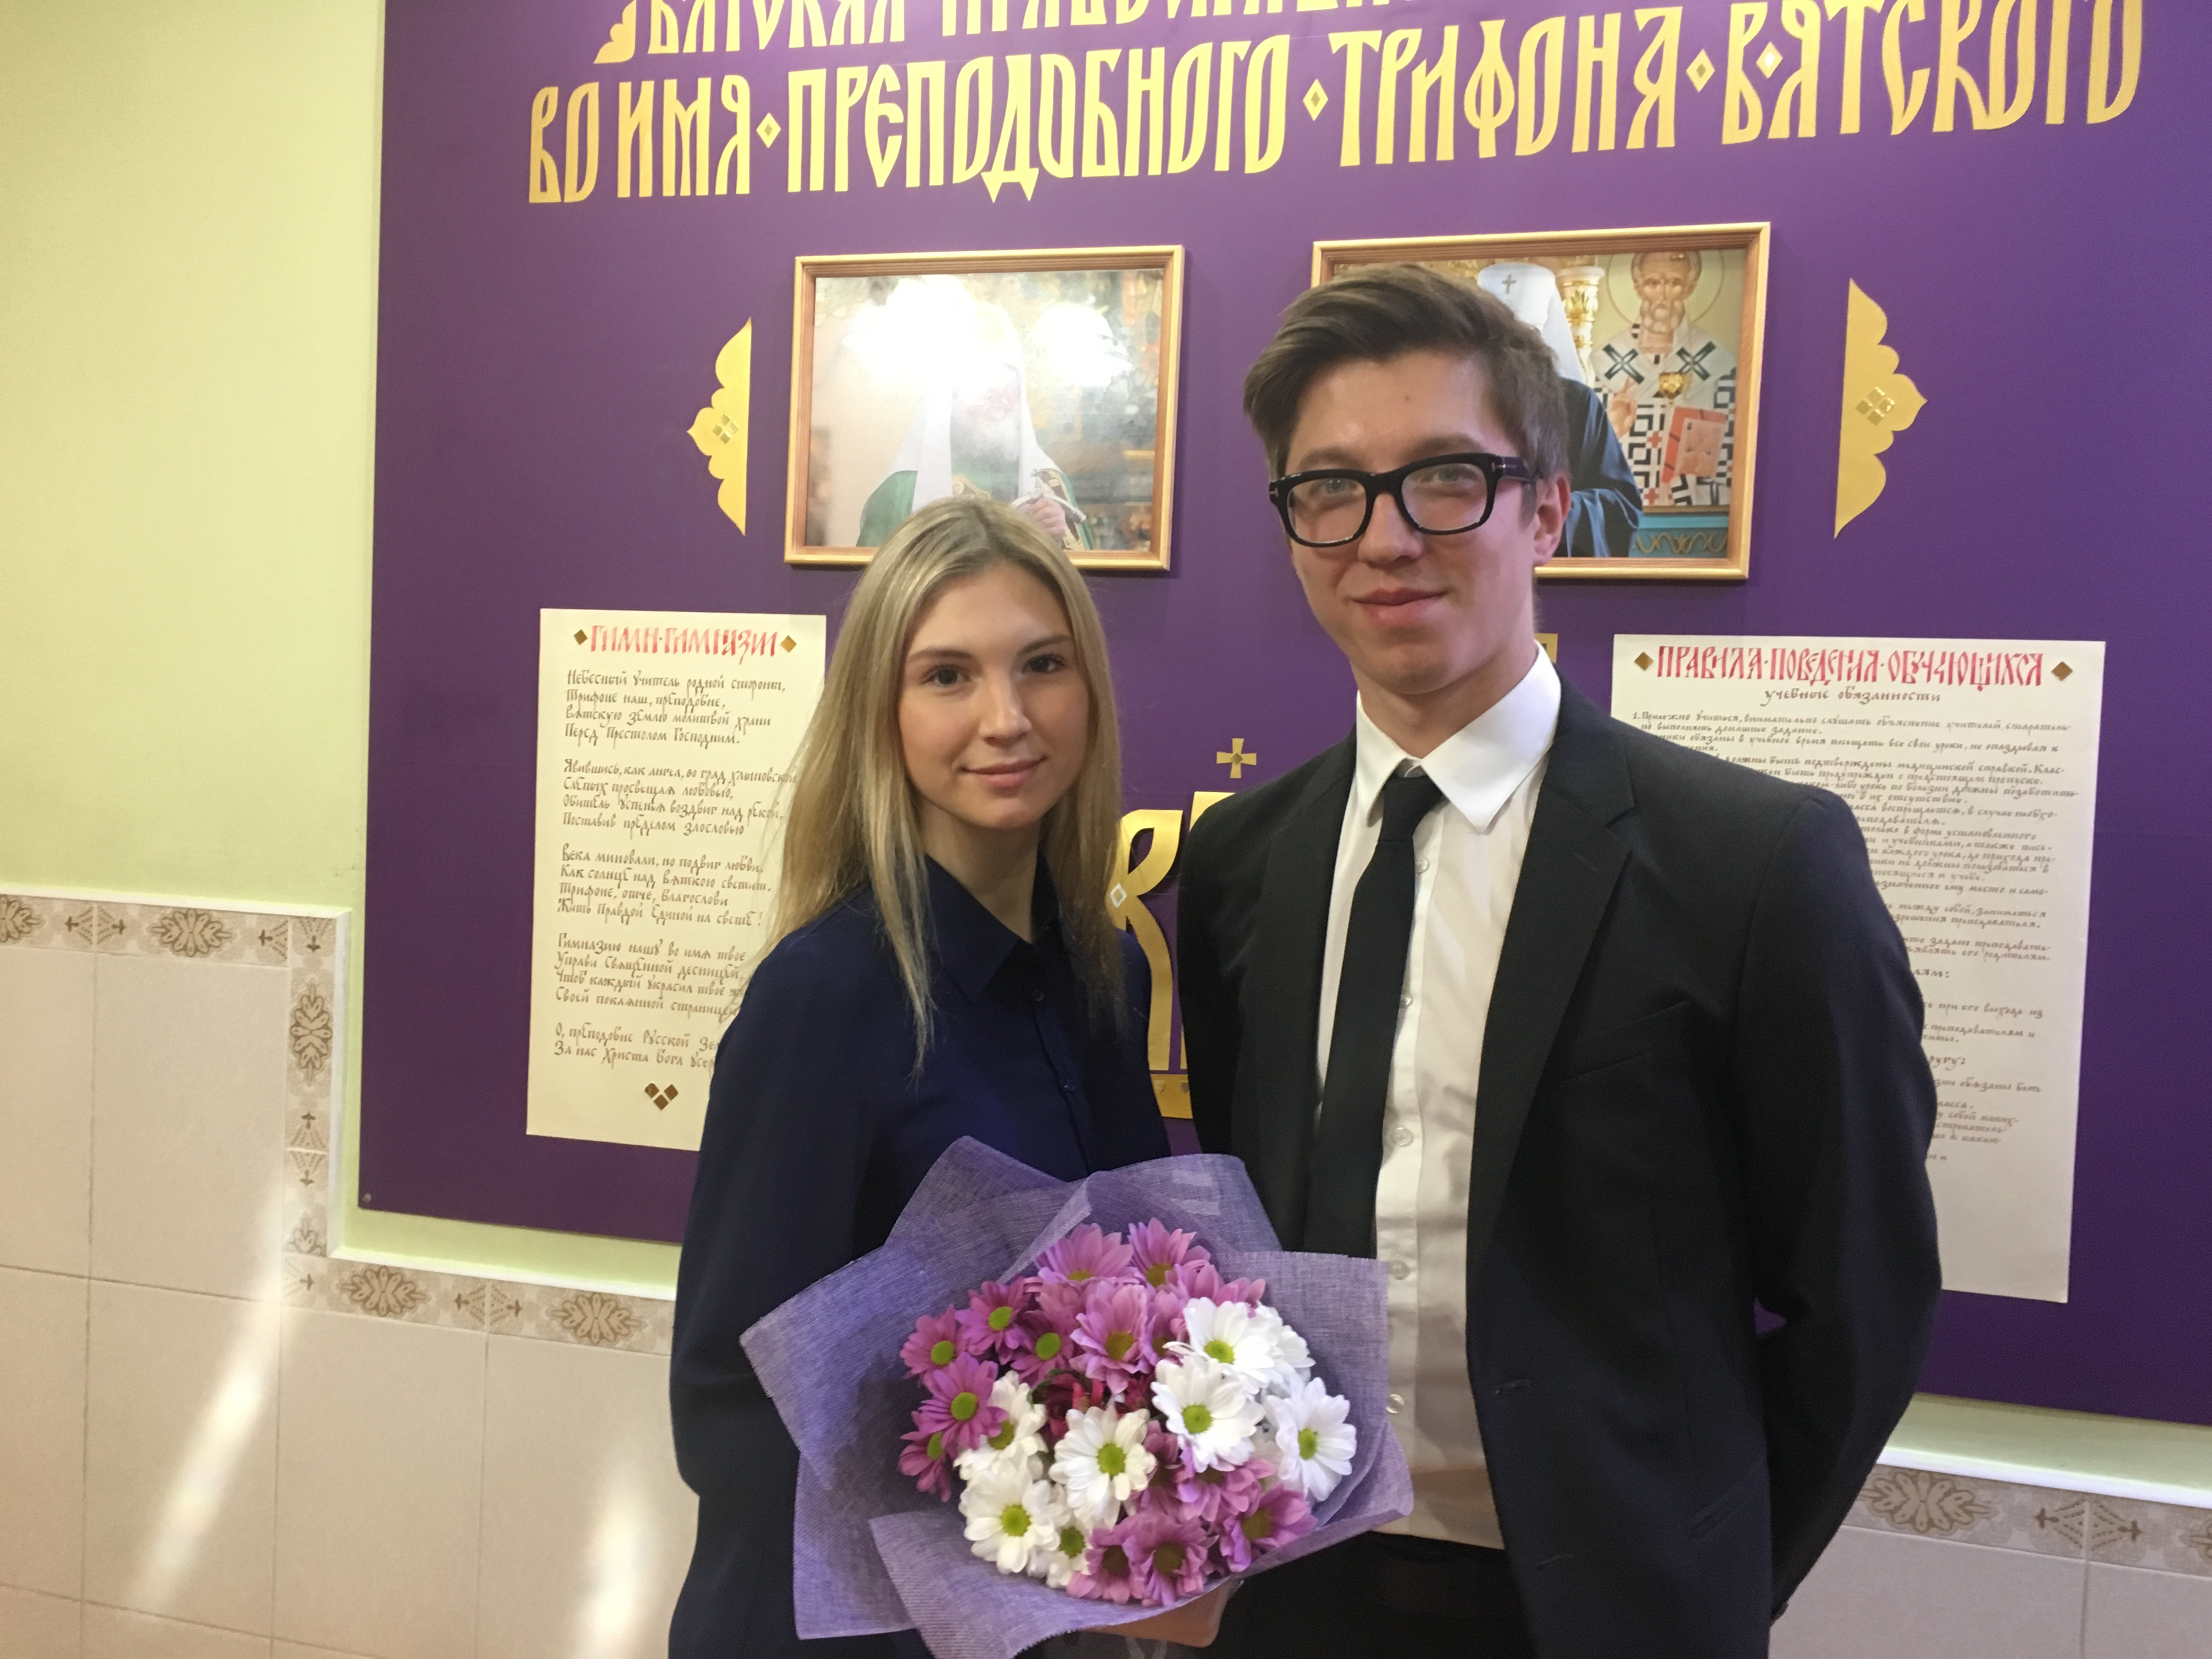 Культурный фонд «Эрмитаж» вручил стипендию талантливым детям